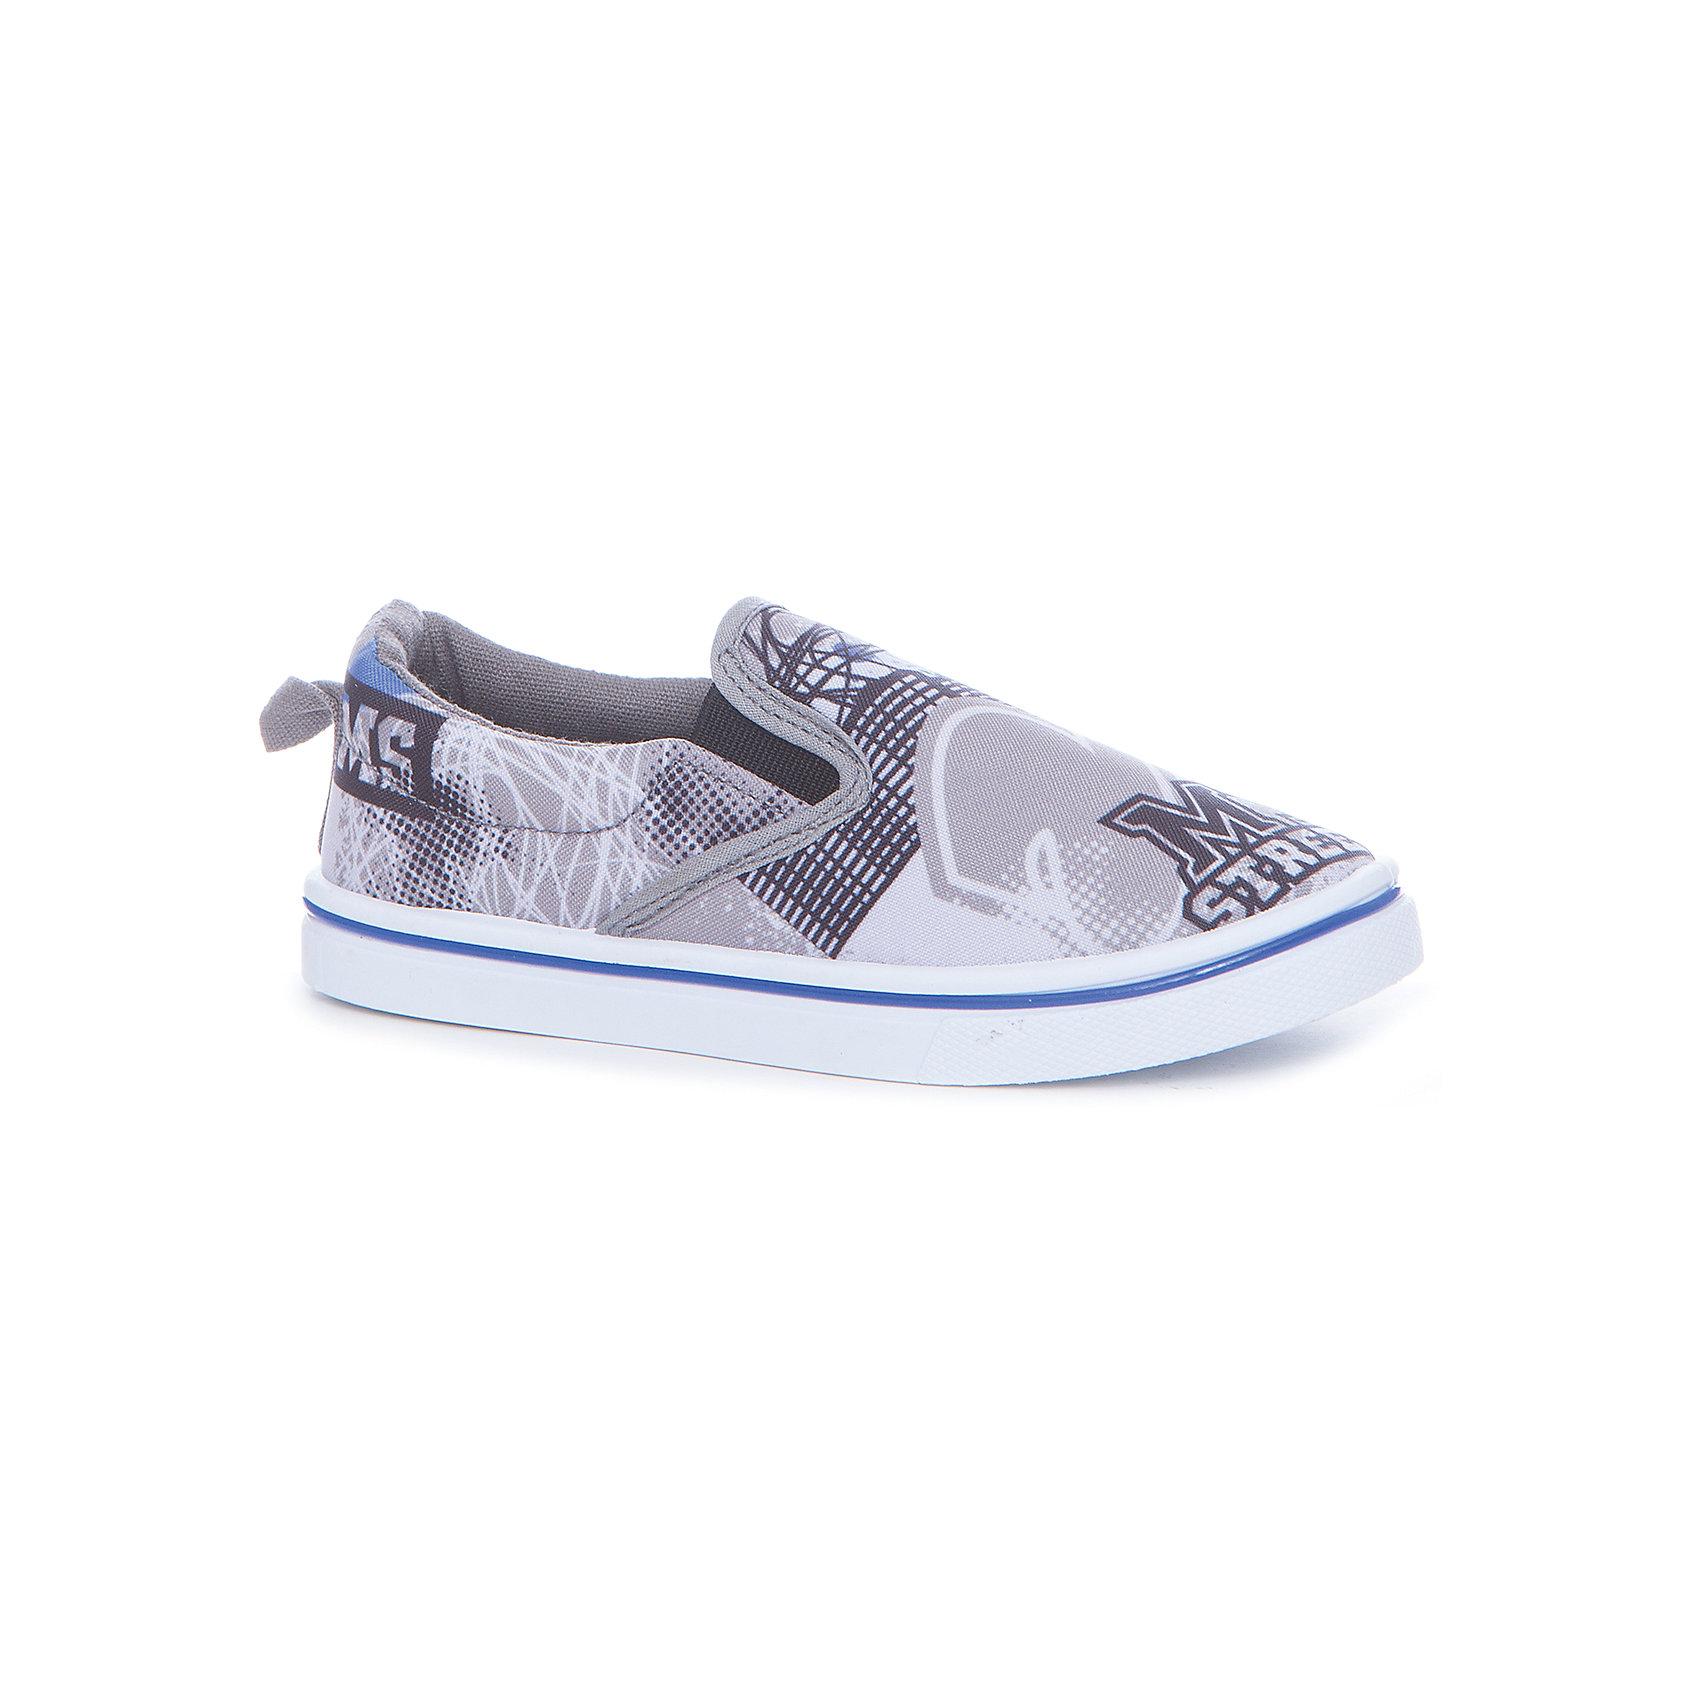 Слипоны для мальчика KAKADUХарактеристики:<br><br>• цвет: серый принт<br>• внешний материал: 100% текстиль<br>• внутренний материал: текстиль<br>• стелька: хлопок<br>• подошва: ПВХ<br>• высота подошвы: 1,5 см<br>• съёмная стелька<br>• эластичные вставки для удобства надевания<br>• тип обуви: кеды<br>• сезон: лето<br>• тип подошвы: рифлёная<br>• тип застежки: без застежки<br>• способ крепления подошвы: литая<br>• уход: удаление загрязнений мягкой щеткой<br>• страна бренда: Россия<br>• страна производства: Китай<br><br>Туфли для мальчика KAKADU от Сrossway – это обувь, которая характеризуется высокими качественными и потребительскими характеристиками: прочная, удобная и при этом модная, и яркая! Туфли предназначены для летних прогулок. Они выполнены с учетом анатомических особенностей детской стопы. <br><br>Верх изделия – из текстиля, который обладает высокой воздухопроницаемостью и гигроскопичностью, внутренняя часть и съемная стелька изготовлены из хлопка. Подошва выполнена из поливинилхлорида, который особенно устойчив к истиранию. <br><br>По бокам имеются эластичные вставки, которые обеспечивают хорошую посадку по ноге и легкое обувание. Кеды имеют классическую форму и стильный дизайн: выполнены в модном цвете и декорированы ярким принтом из надписей в стиле Граффити.<br><br>Туфли для мальчика KAKADU можно купить в нашем интернет-магазине.<br><br>Ширина мм: 227<br>Глубина мм: 145<br>Высота мм: 124<br>Вес г: 325<br>Цвет: серый<br>Возраст от месяцев: 84<br>Возраст до месяцев: 96<br>Пол: Мужской<br>Возраст: Детский<br>Размер: 31,36,32,33,34,35<br>SKU: 5386419